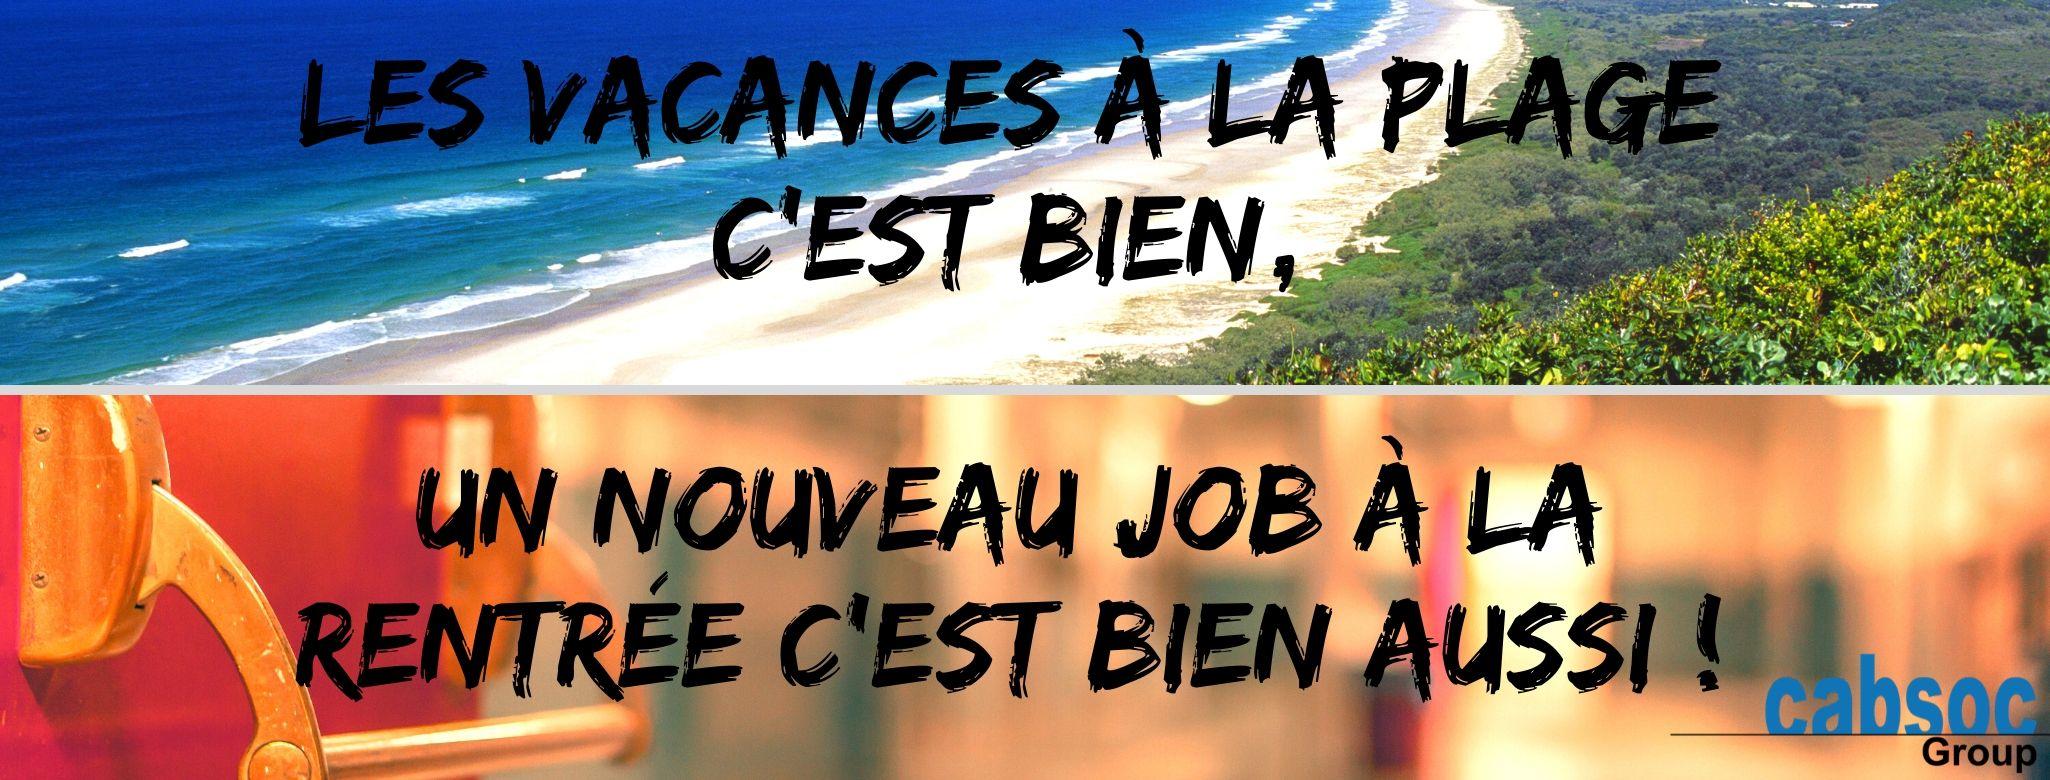 les-vacances-a-la-plage-cest-bien-un-job-a-la-rentree-cest-mieux-.jpg